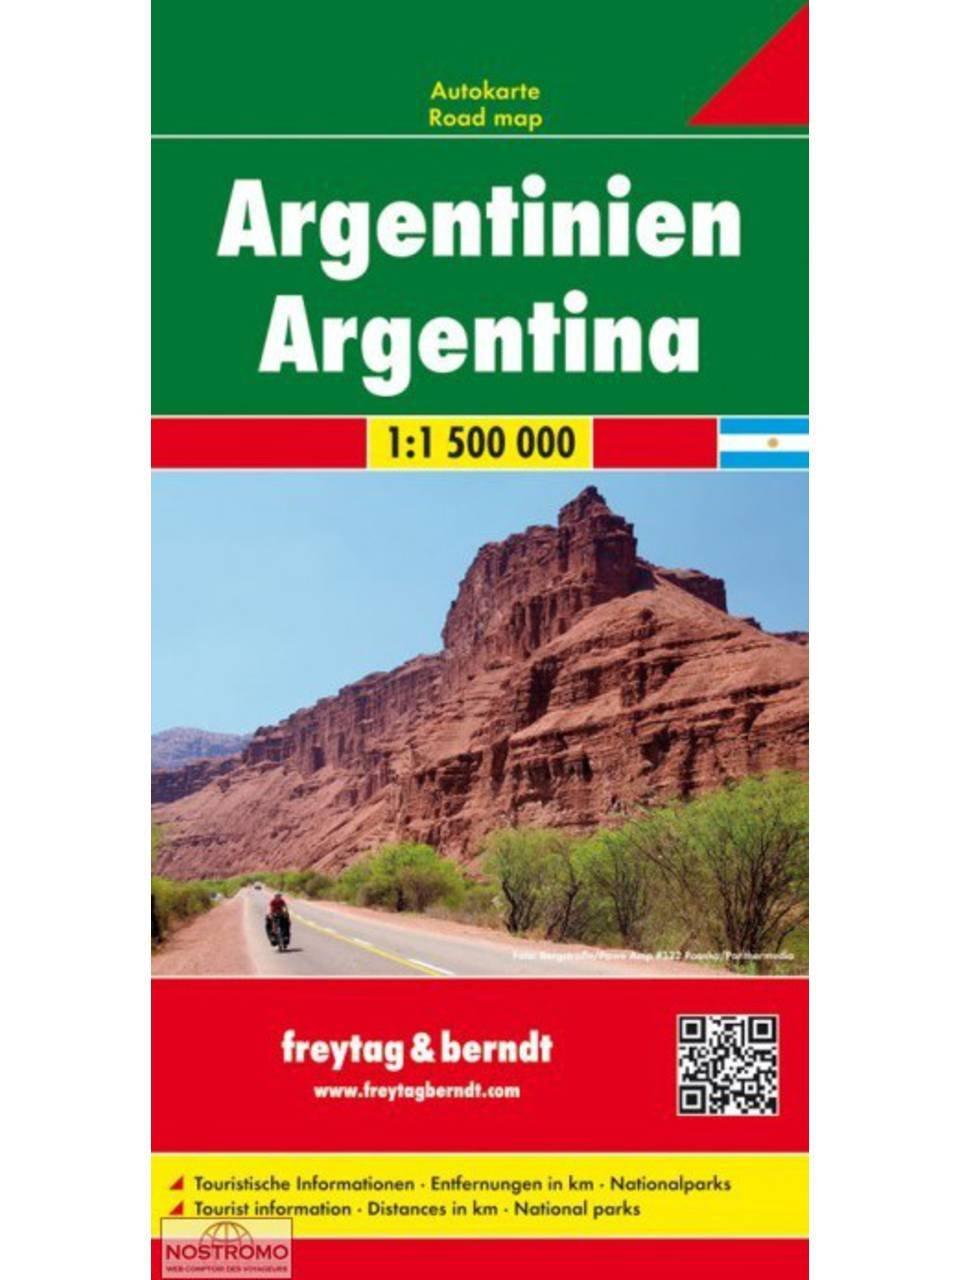 Argentinië   wegenkaart, autokaart 1:1.900.000 9783707914313  Freytag & Berndt   Landkaarten en wegenkaarten Chili, Argentinië, Patagonië